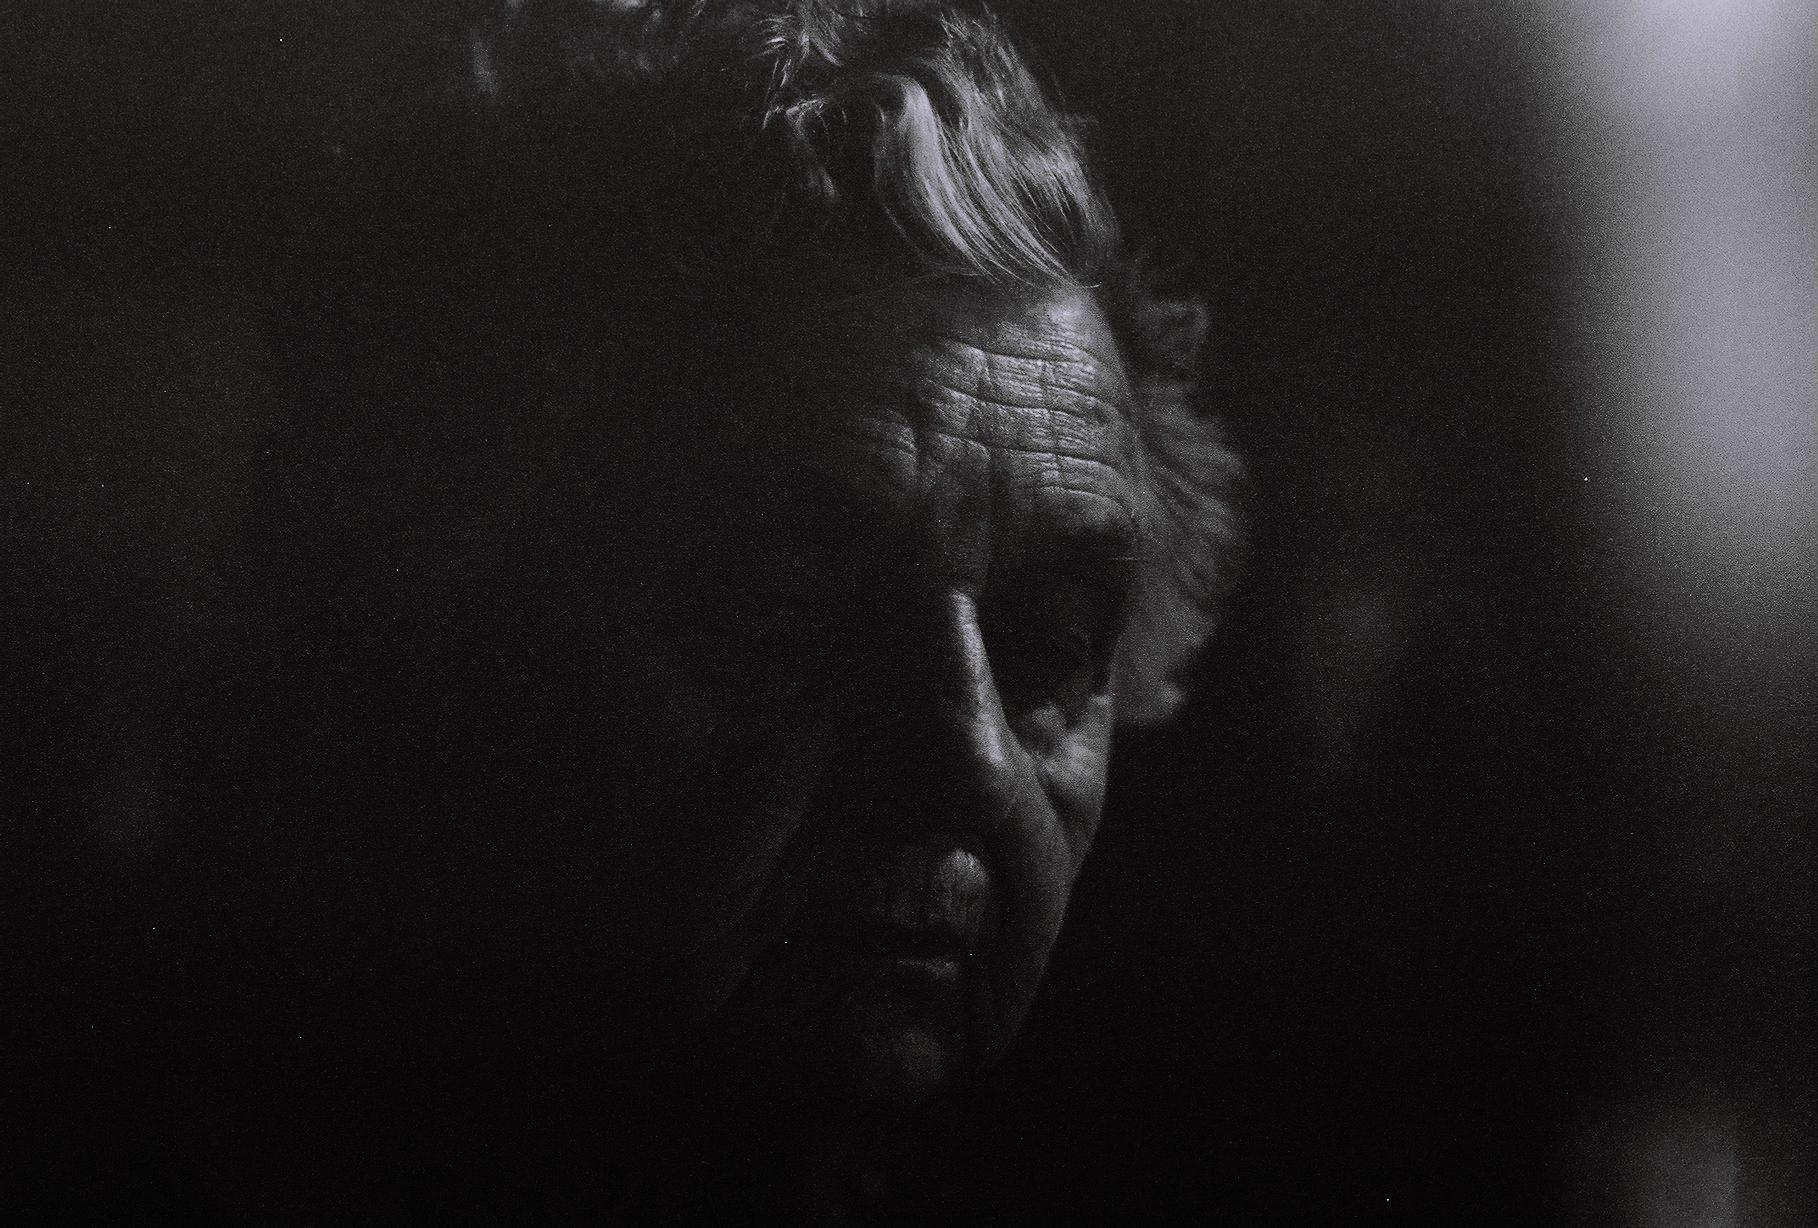 Baka | Canon A1 | Mario Karlovcec